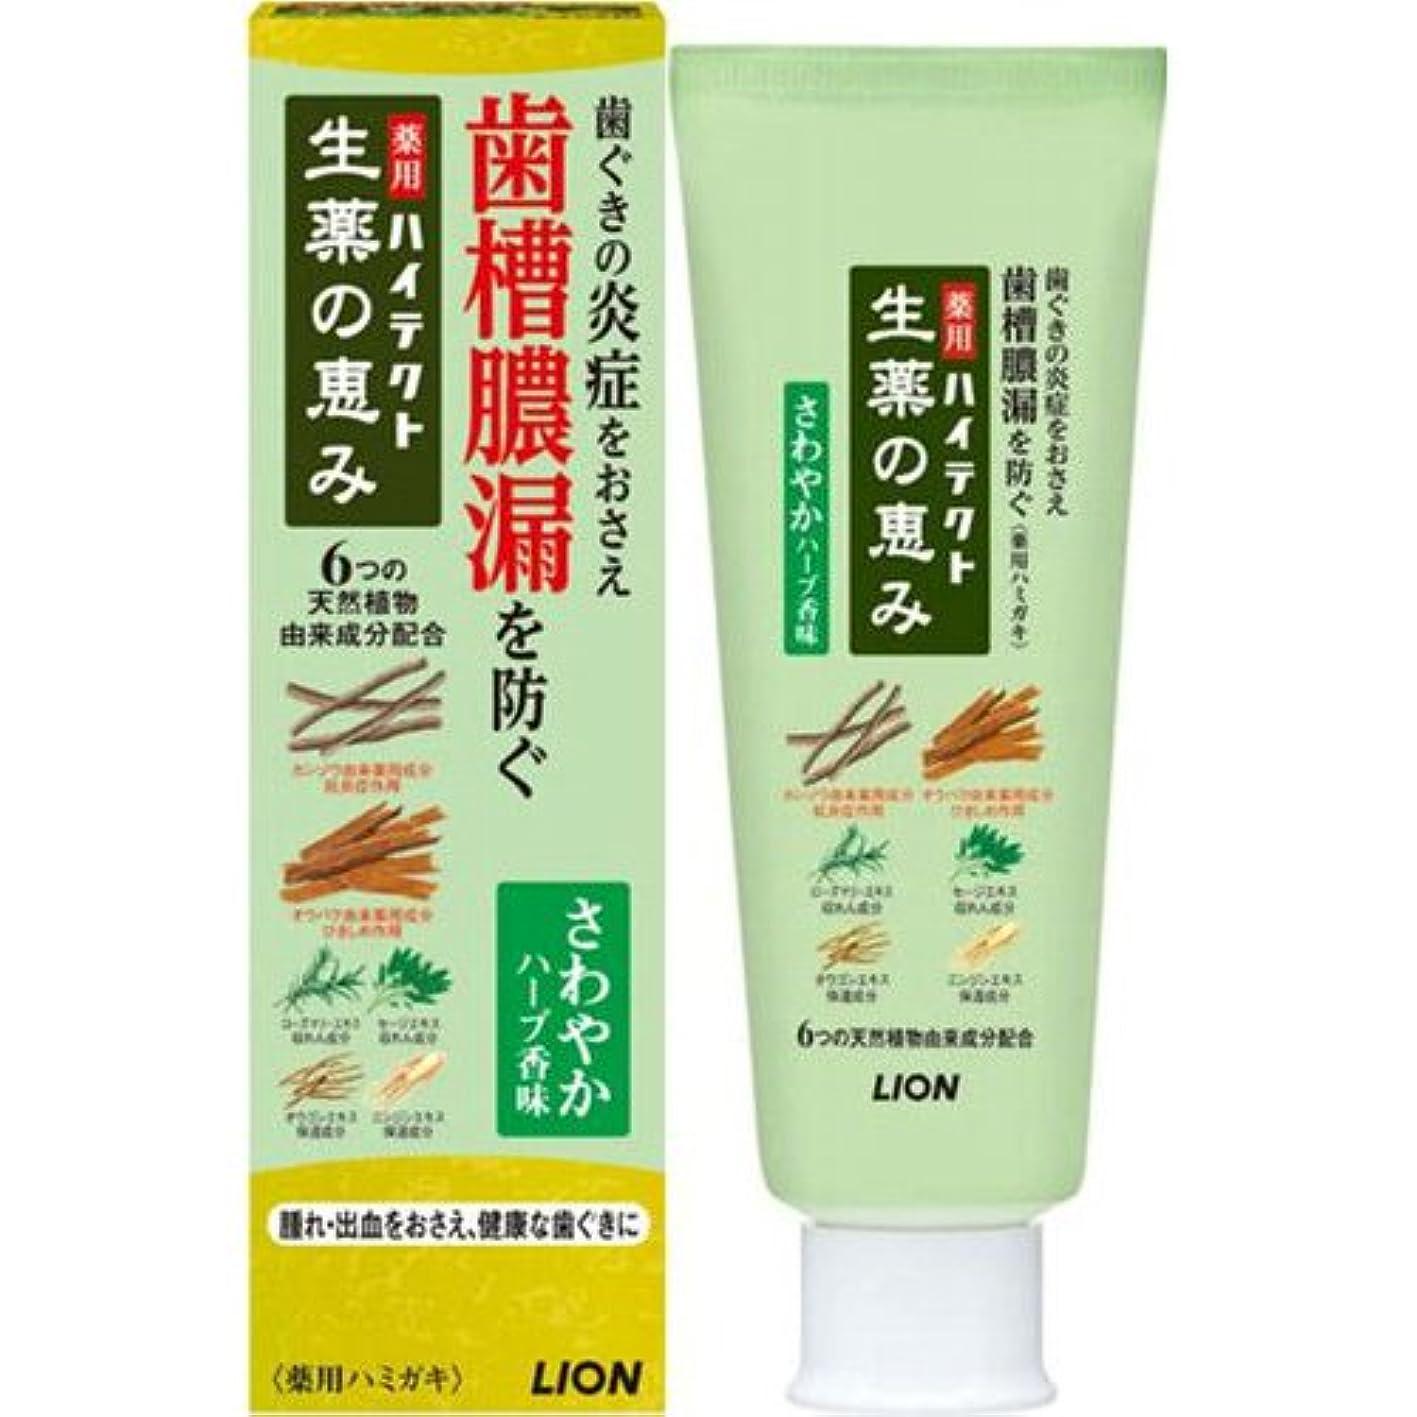 ハウジングインフレーション洪水【ライオン】ハイテクト 生薬の恵み さわやかハーブ香味 90g ×3個セット